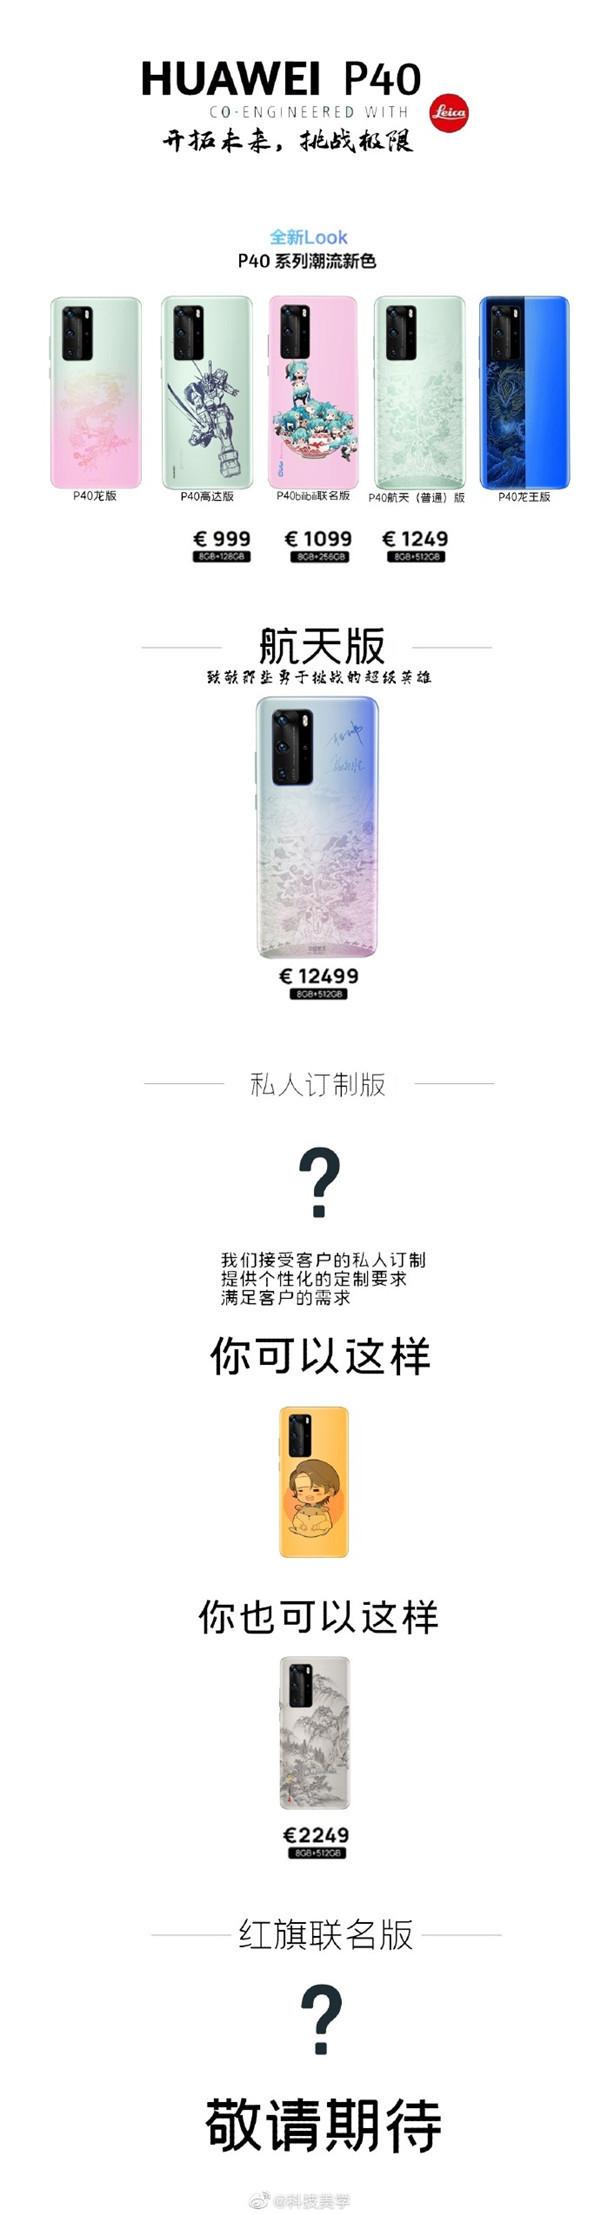 华为P40系列全新海报曝光 风格大变售价高达10万元?的照片 - 2